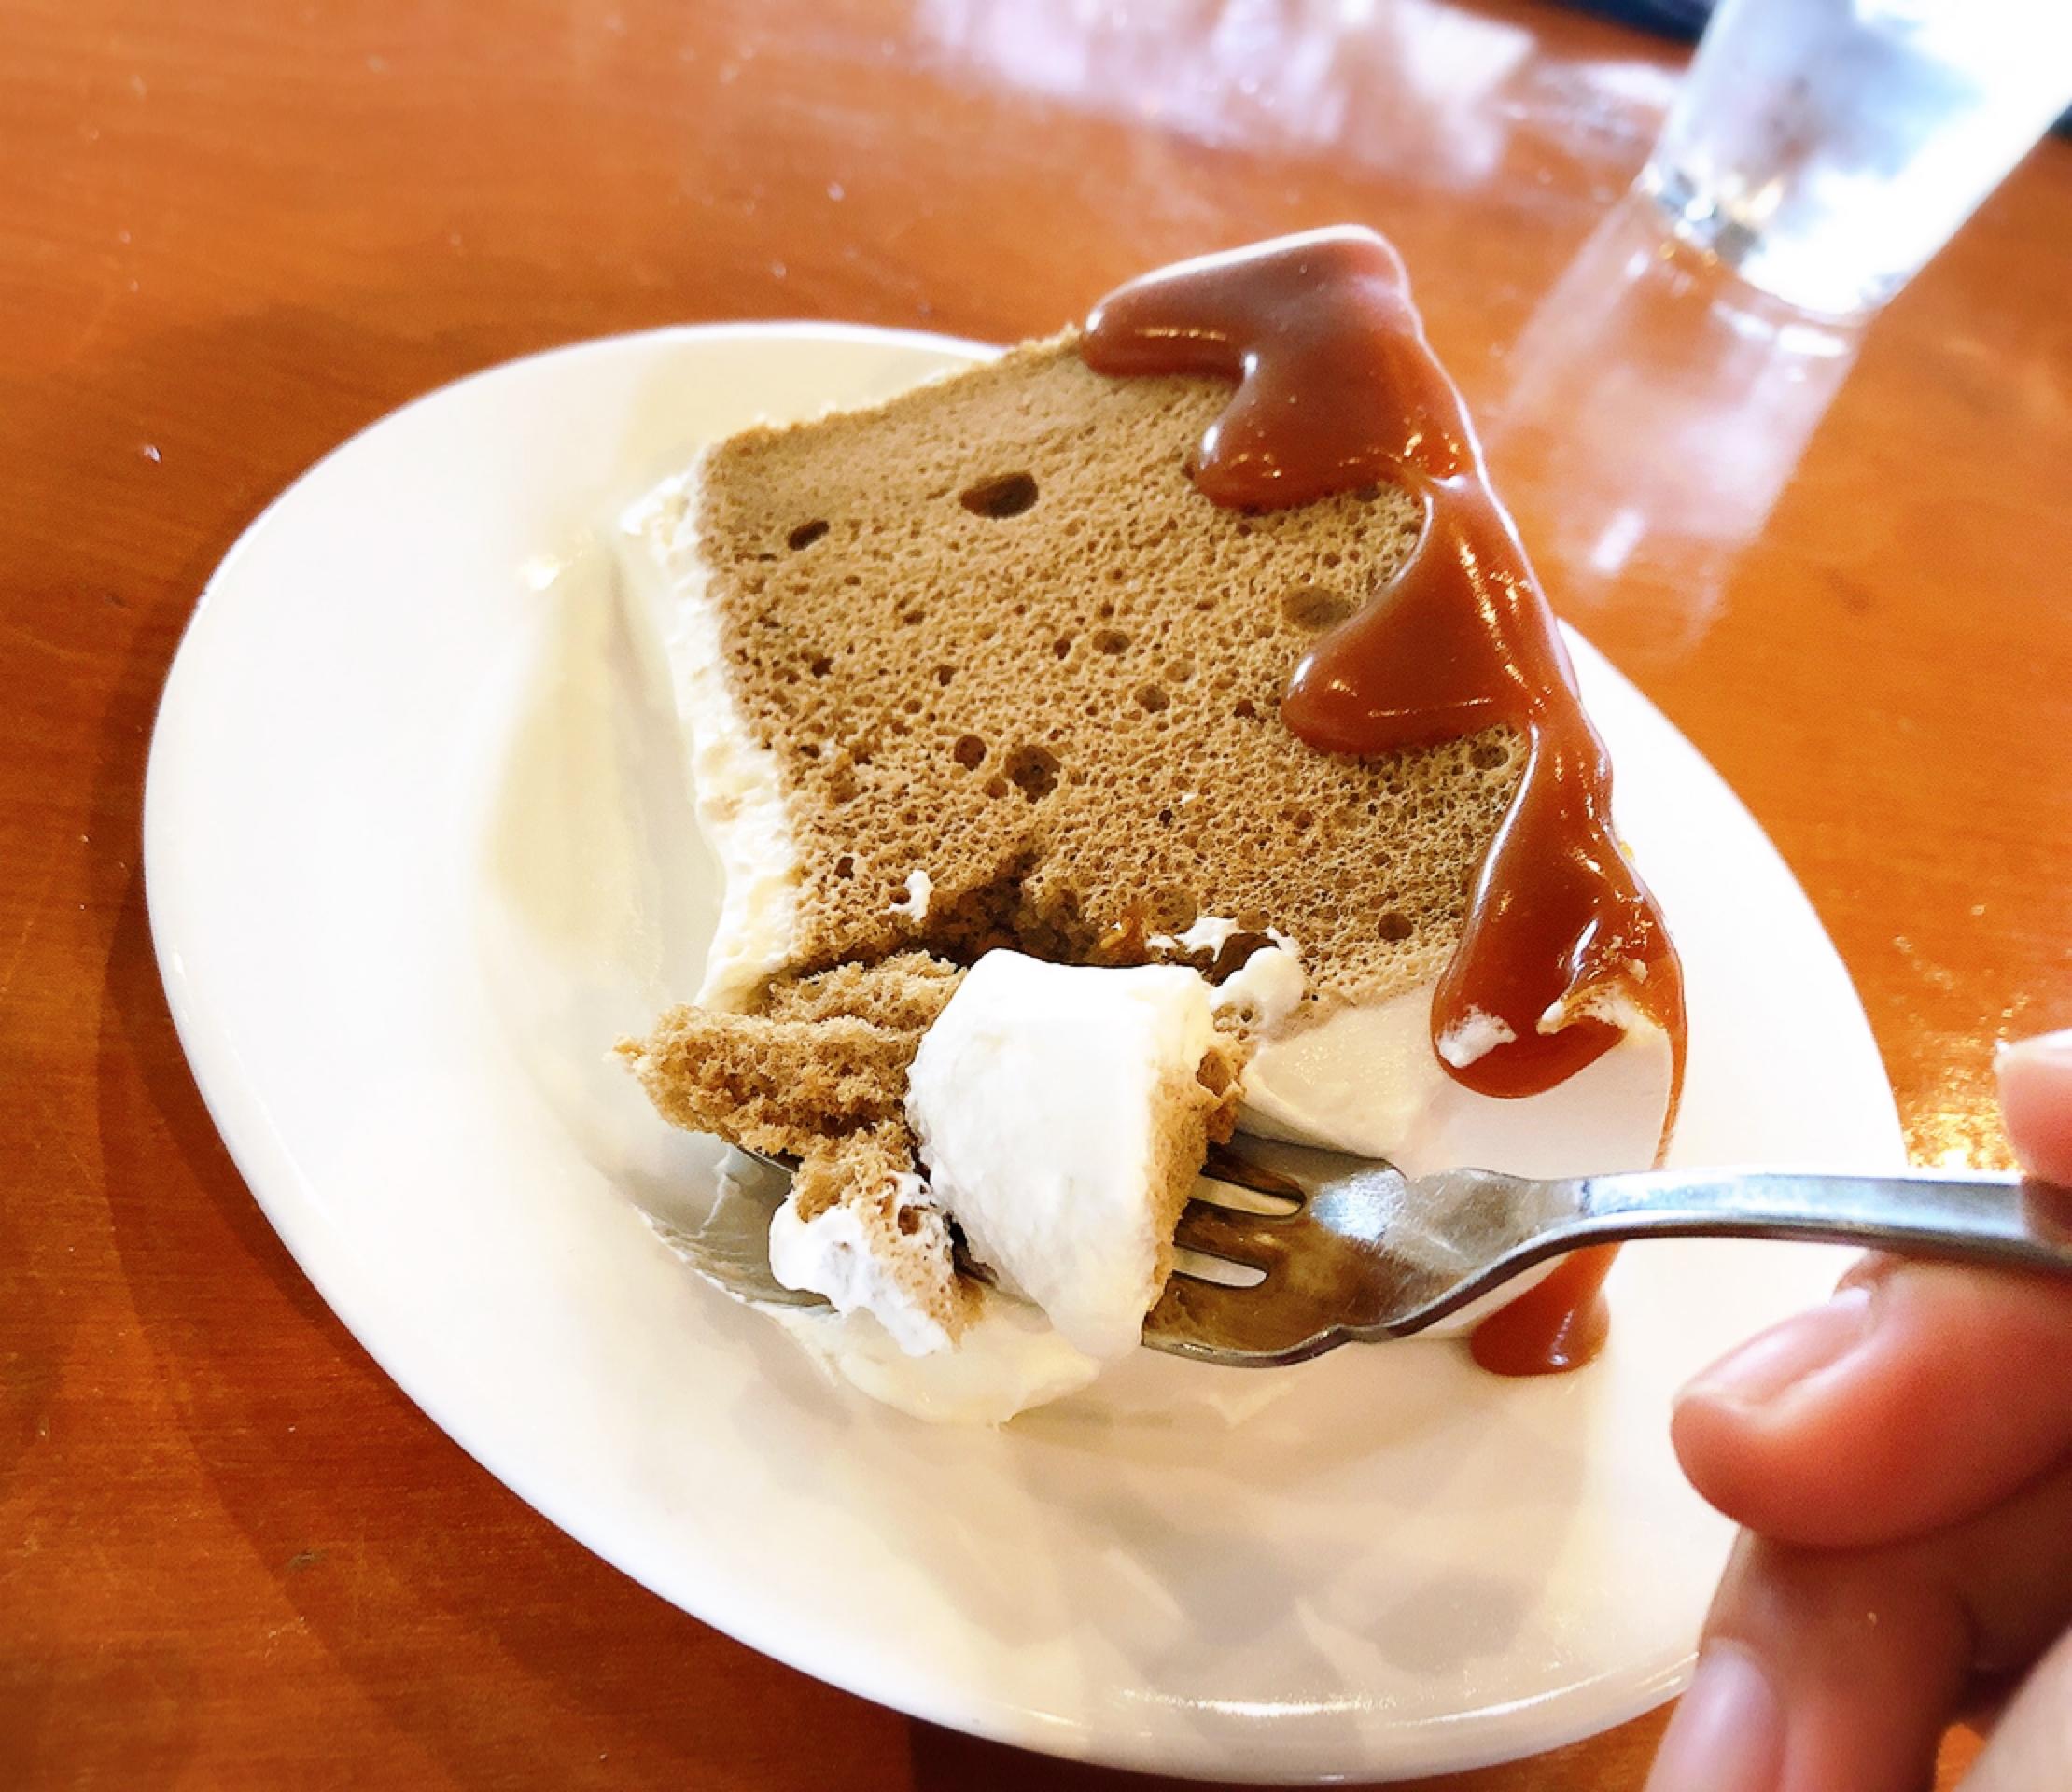 【#静岡カフェ】こだわり自家焙煎本格派コーヒーとふわふわ生キャラメルシフォンケーキが美味♡_7